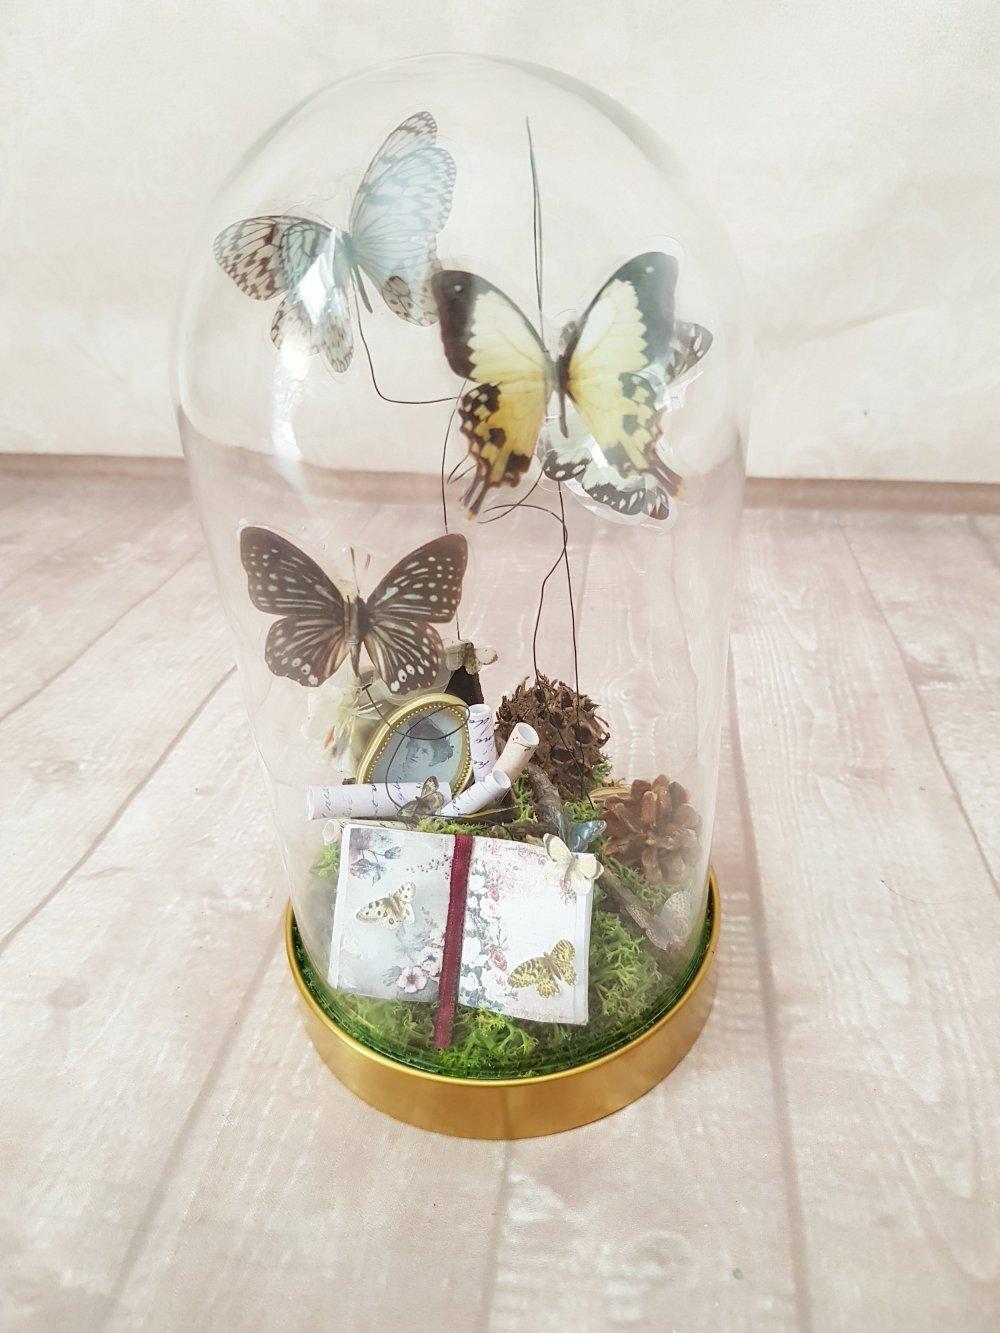 Que Mettre Sous Une Cloche En Verre cabinet cloche sous verre forme dôme thème papillon nature forêt cabinet  curiosité saison printemps papillon exotique taxidermie